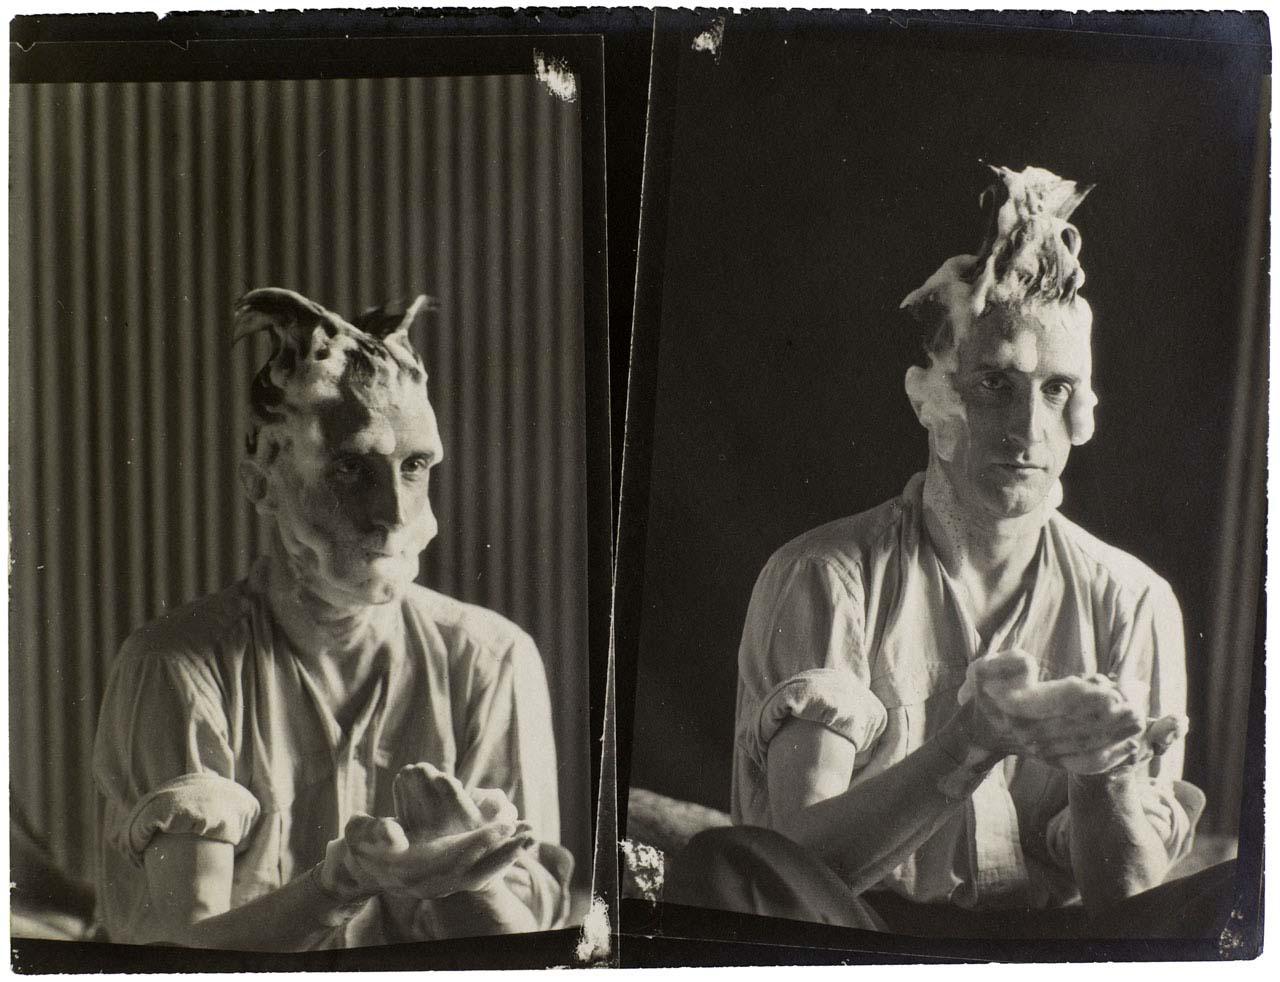 Man Ray, Marcel Duchamp Obligation pour la Roulette de Monte Carlo